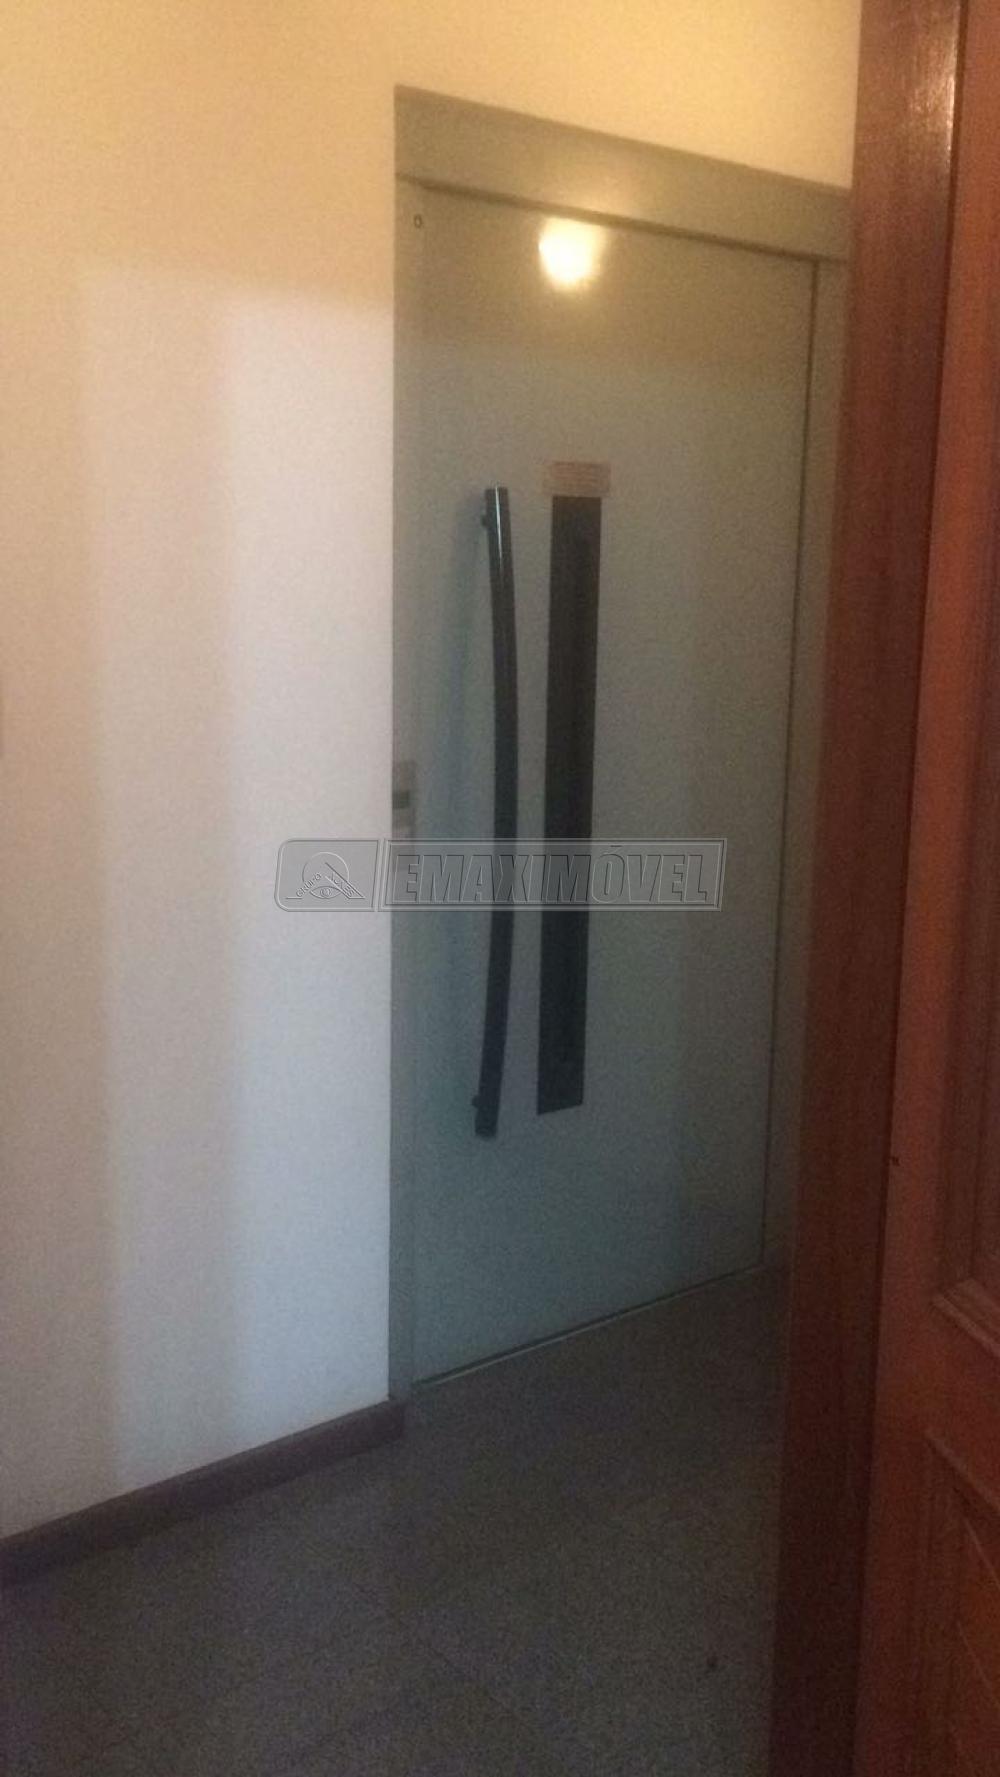 Comprar Apartamentos / Apto Padrão em Sorocaba apenas R$ 440.000,00 - Foto 19